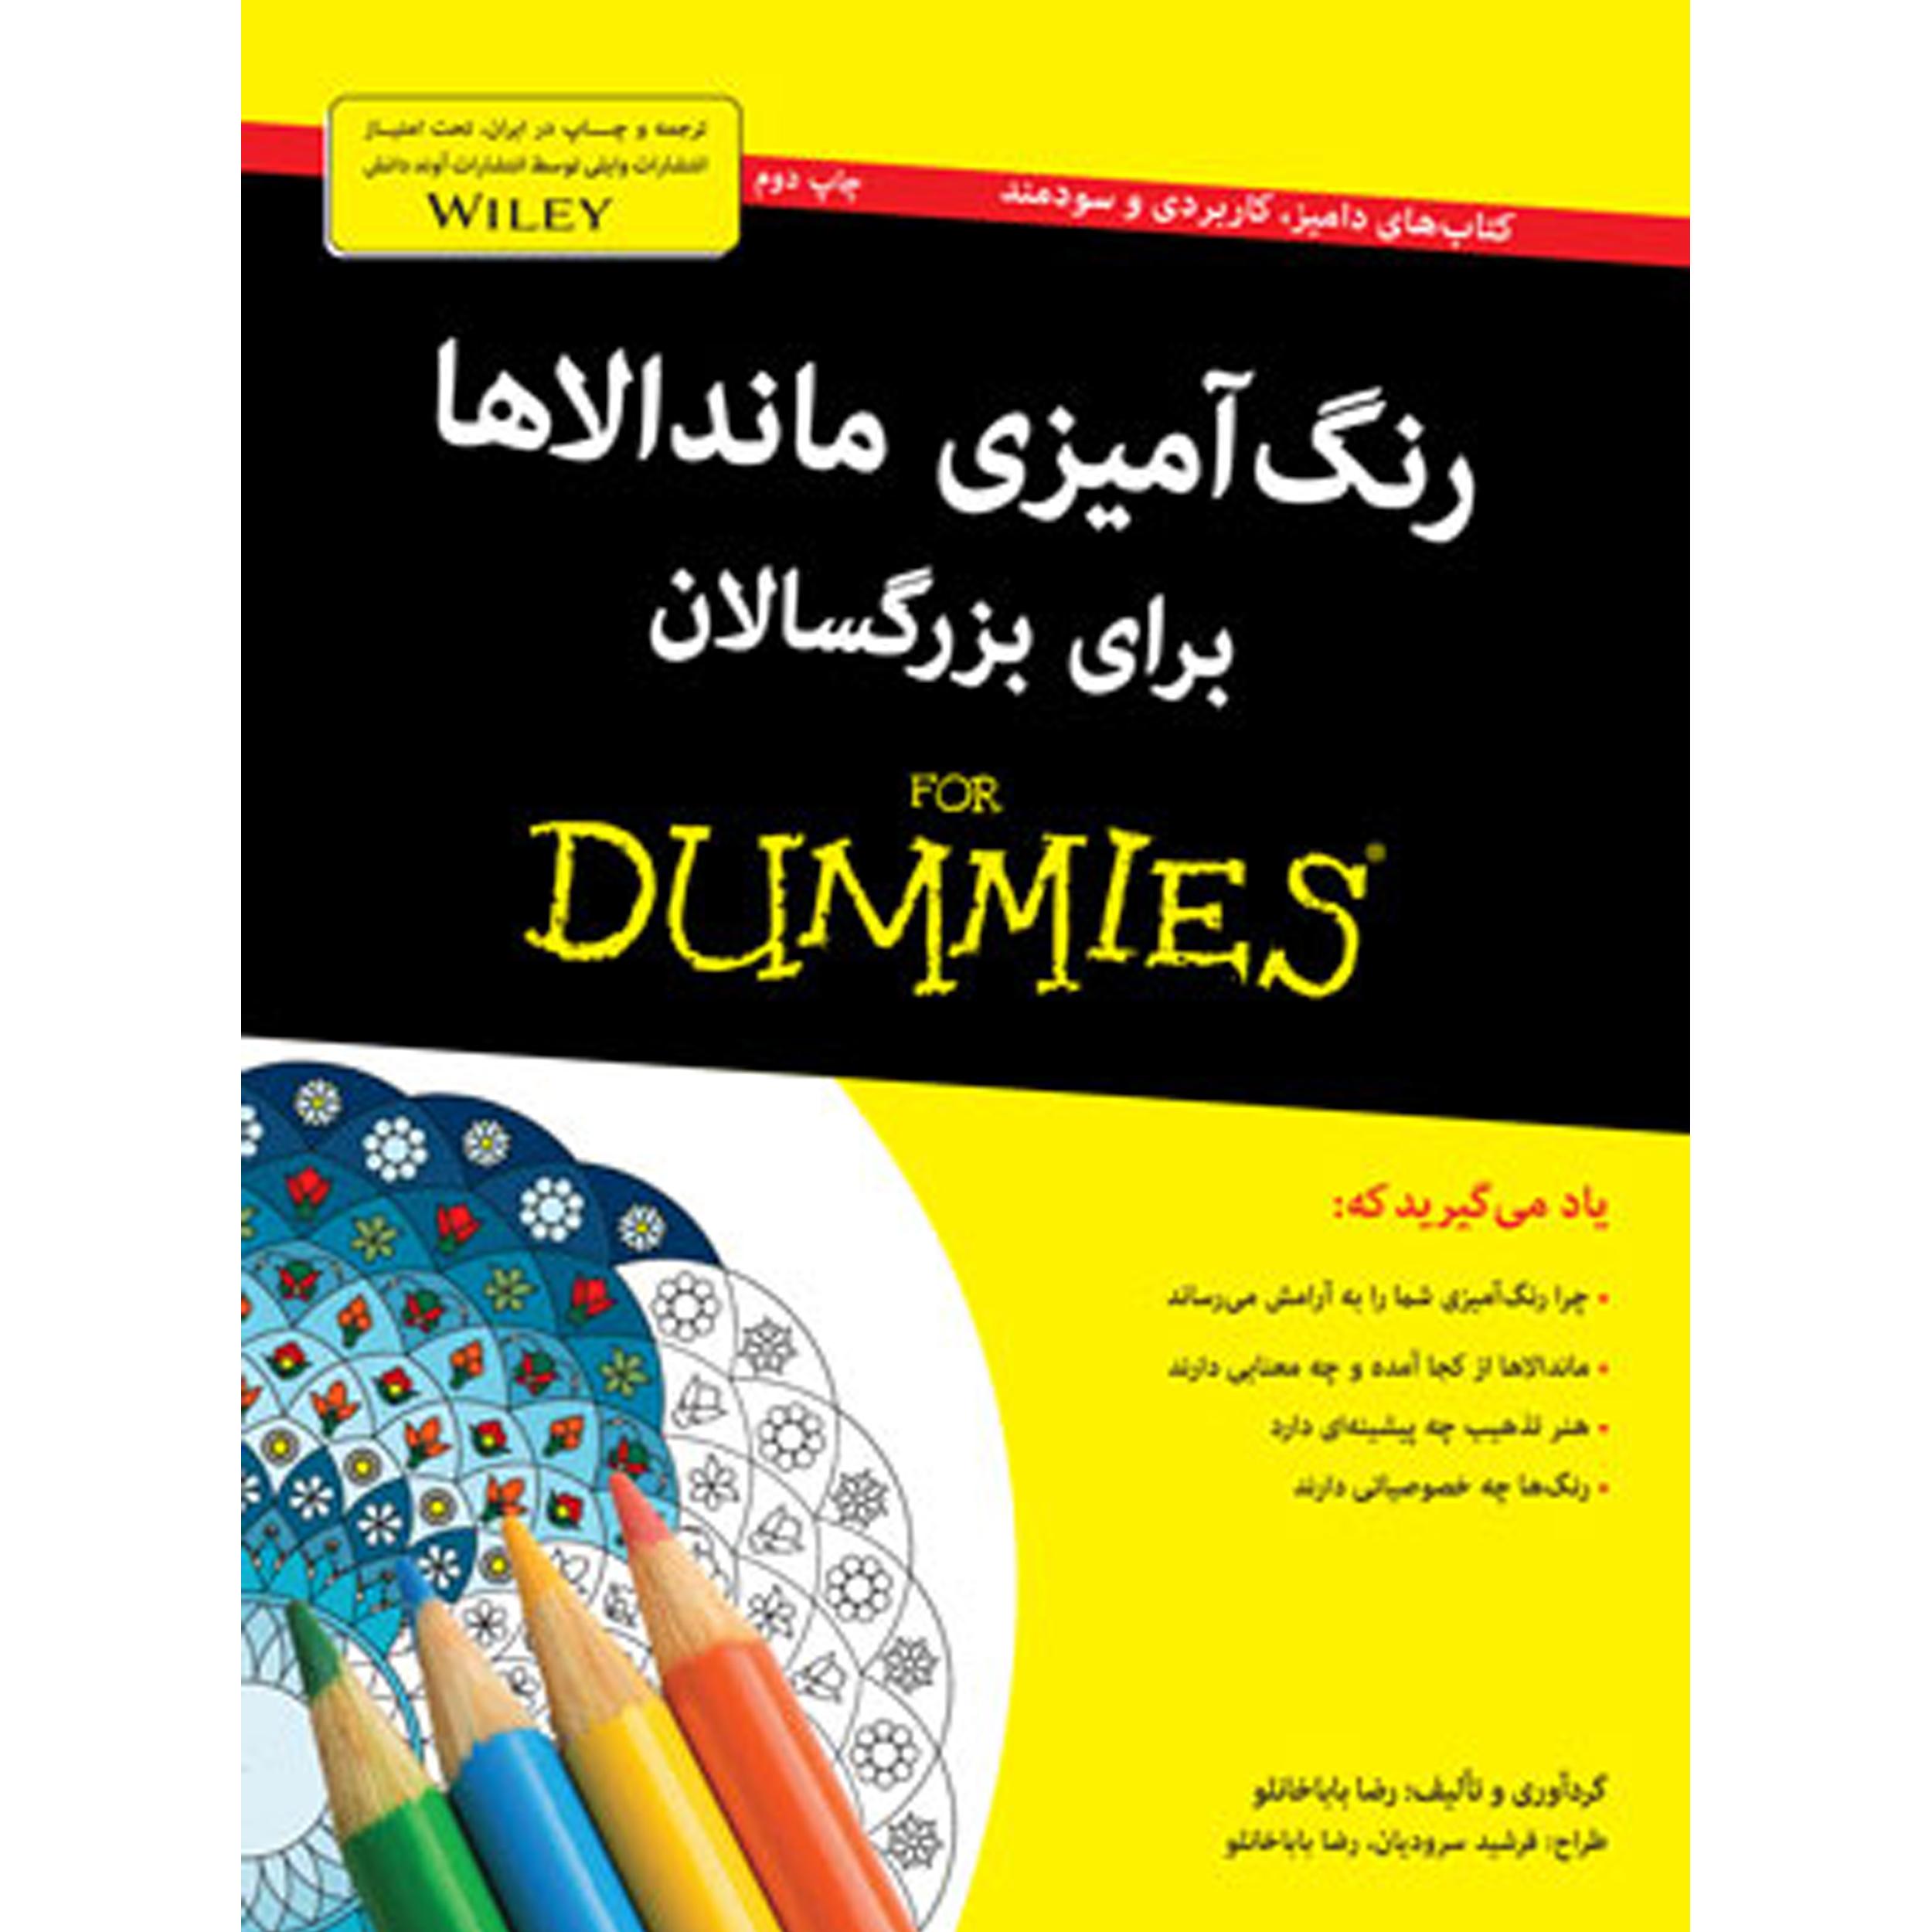 کتاب رنگ آمیزی ماندالاها برای بزرگسالان for dummies اثر رضا باباخانلو انتشارات آوند دانش